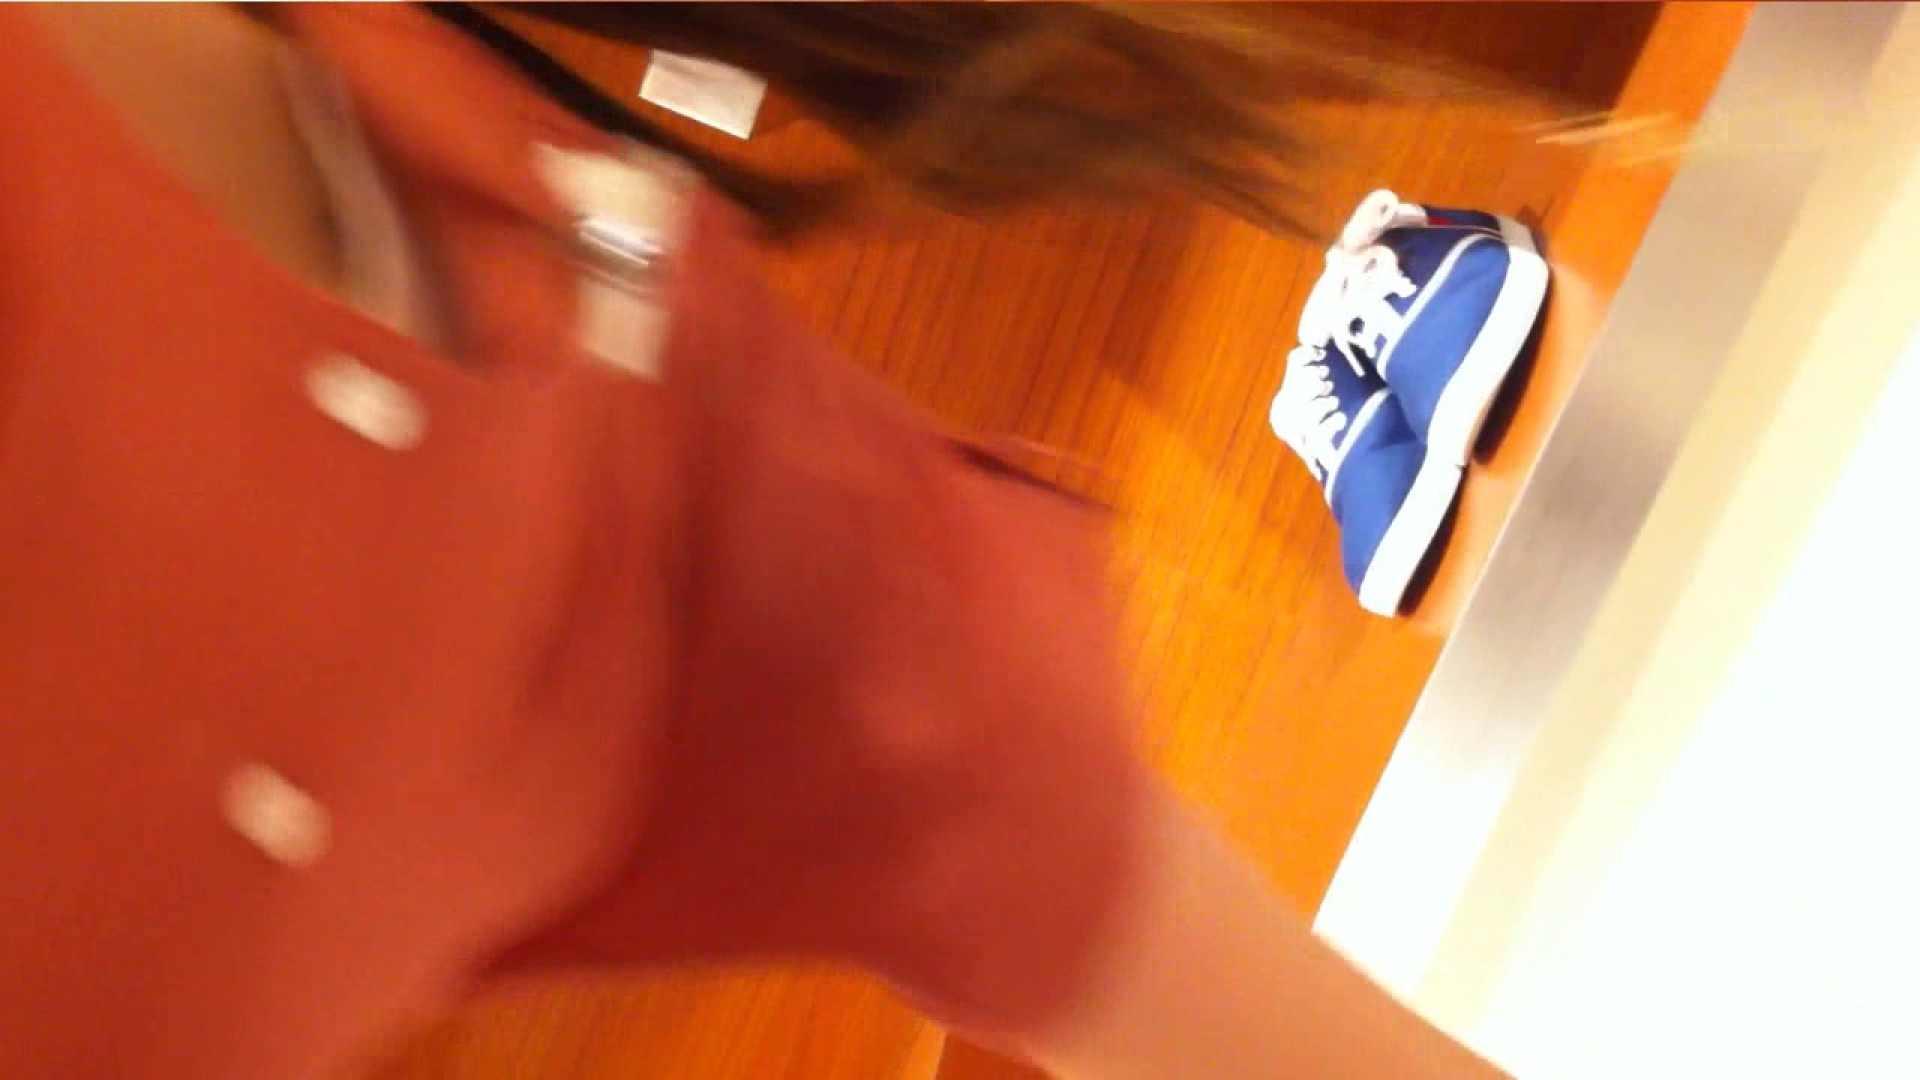 可愛いカリスマ店員限定‼胸チラ&パンチラ vol.21 エロティックなOL オマンコ無修正動画無料 93画像 20